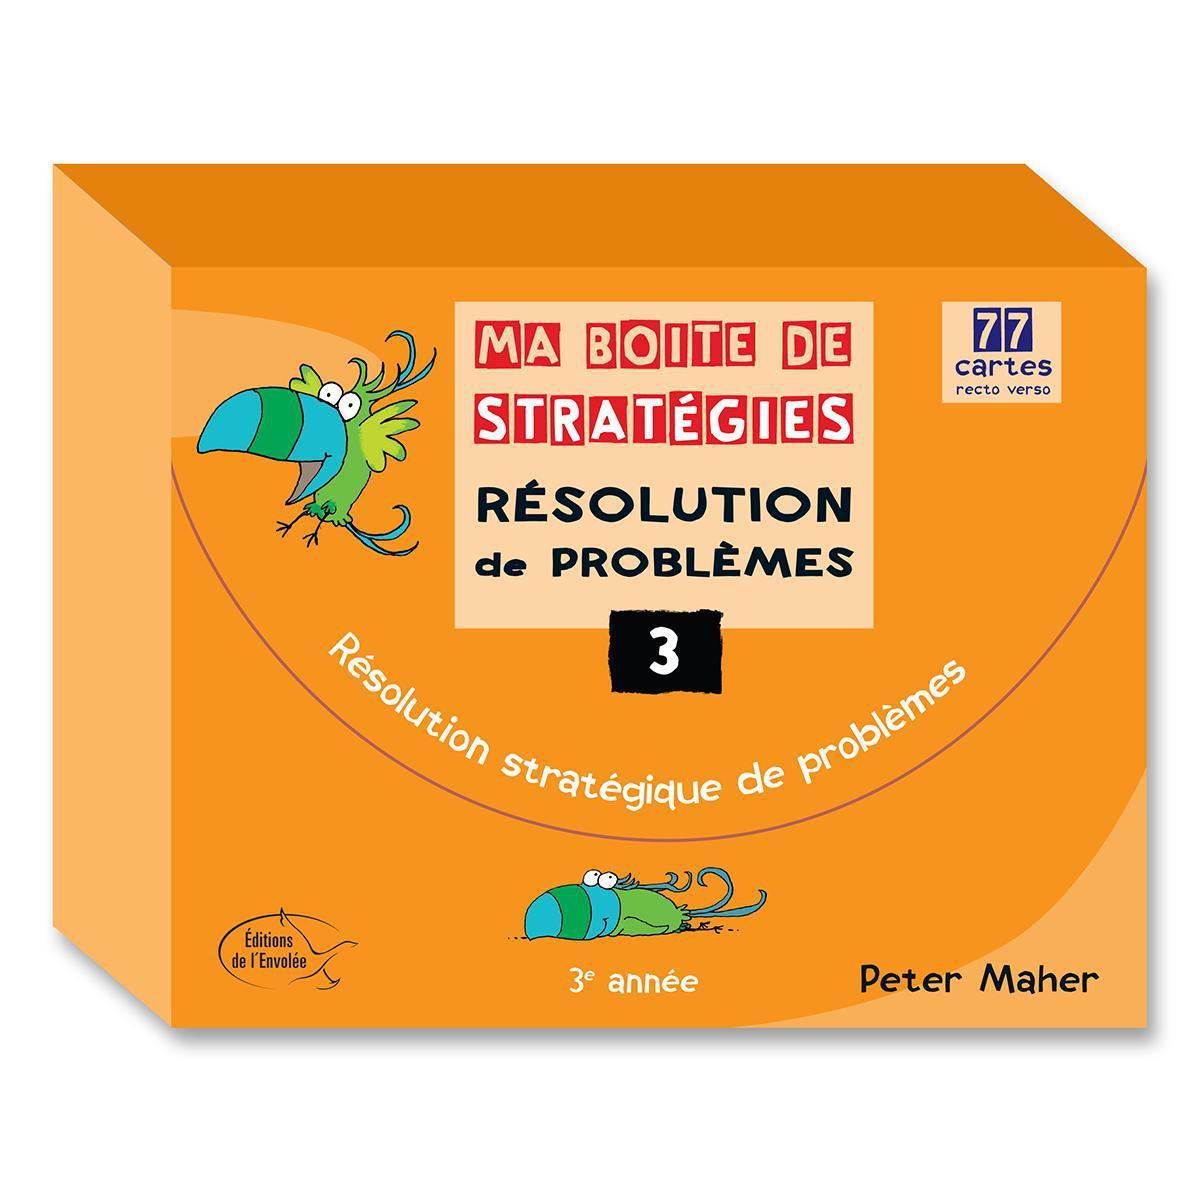 Ma boite de stratégies - Résolution de problèmes: 3e année